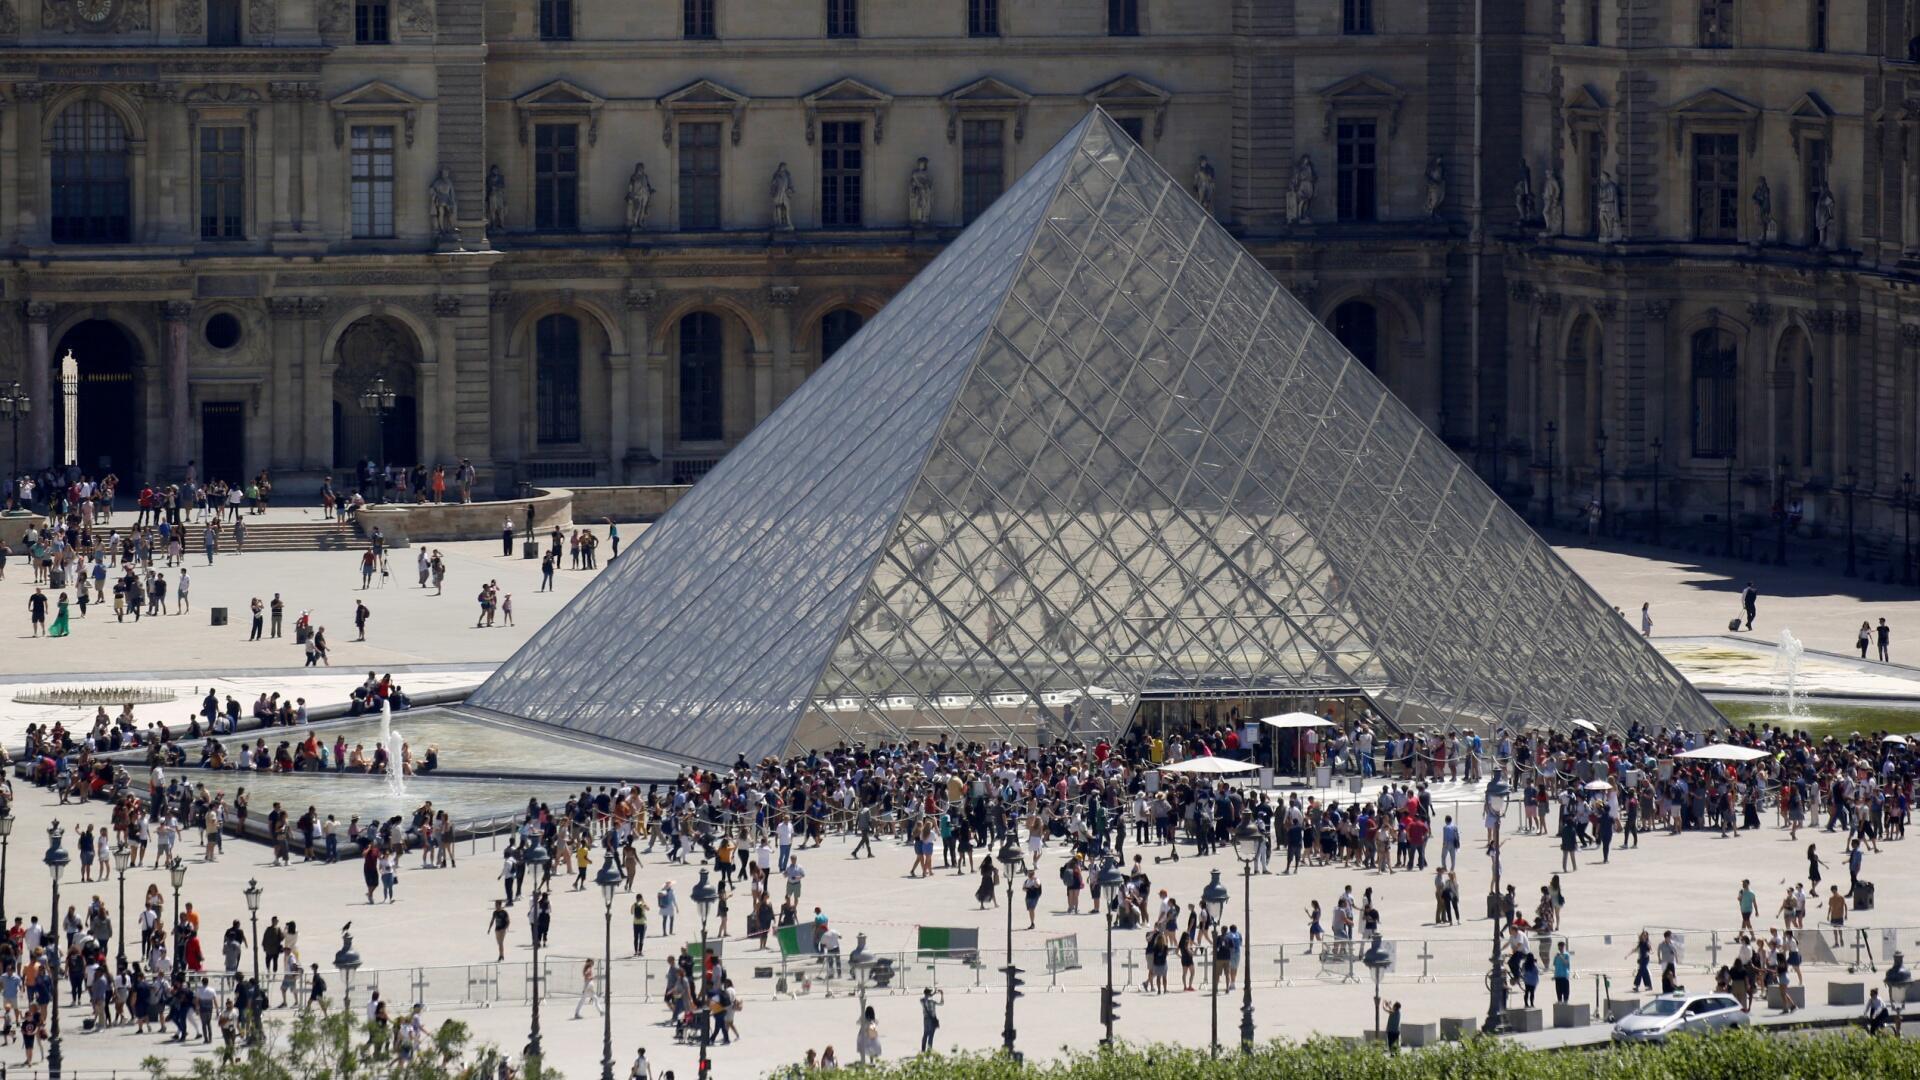 متحف اللوفر بالعاصمة الفرنسية باريس.